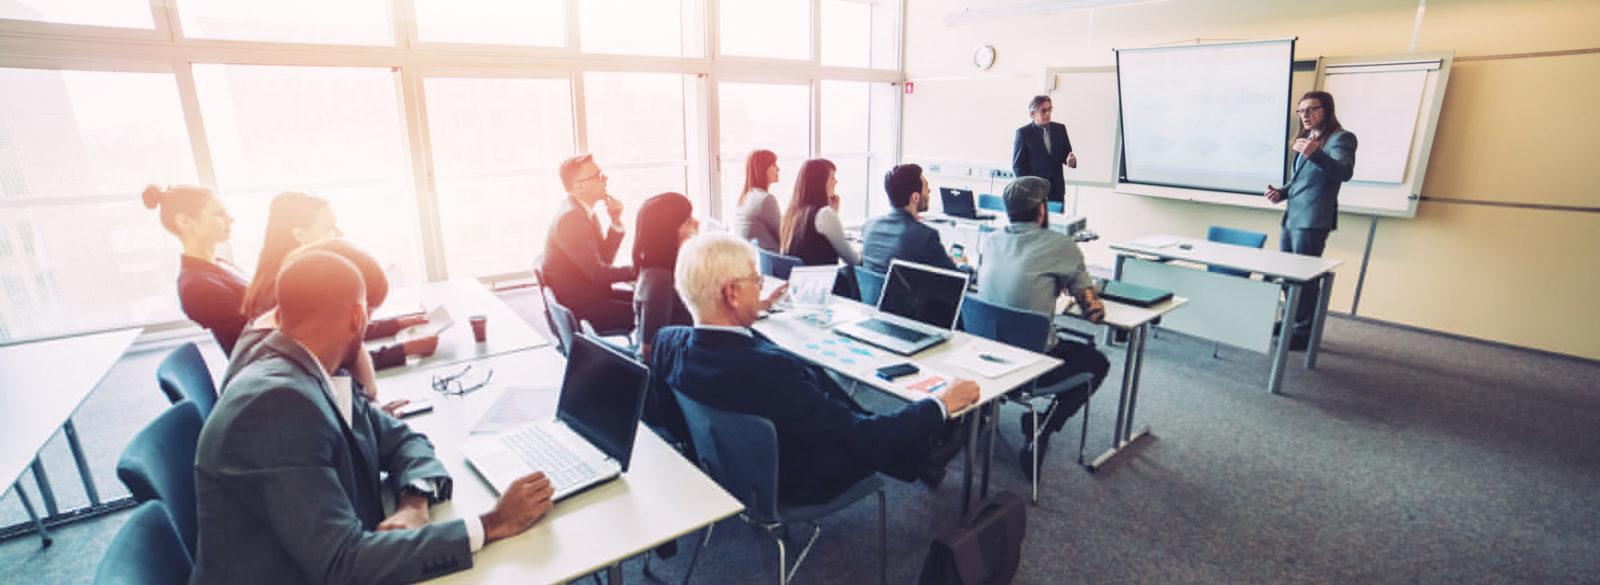 Deux hommes en costume font une présentation devant une salle de classe remplie d'hommes et de femmes d'affaire.